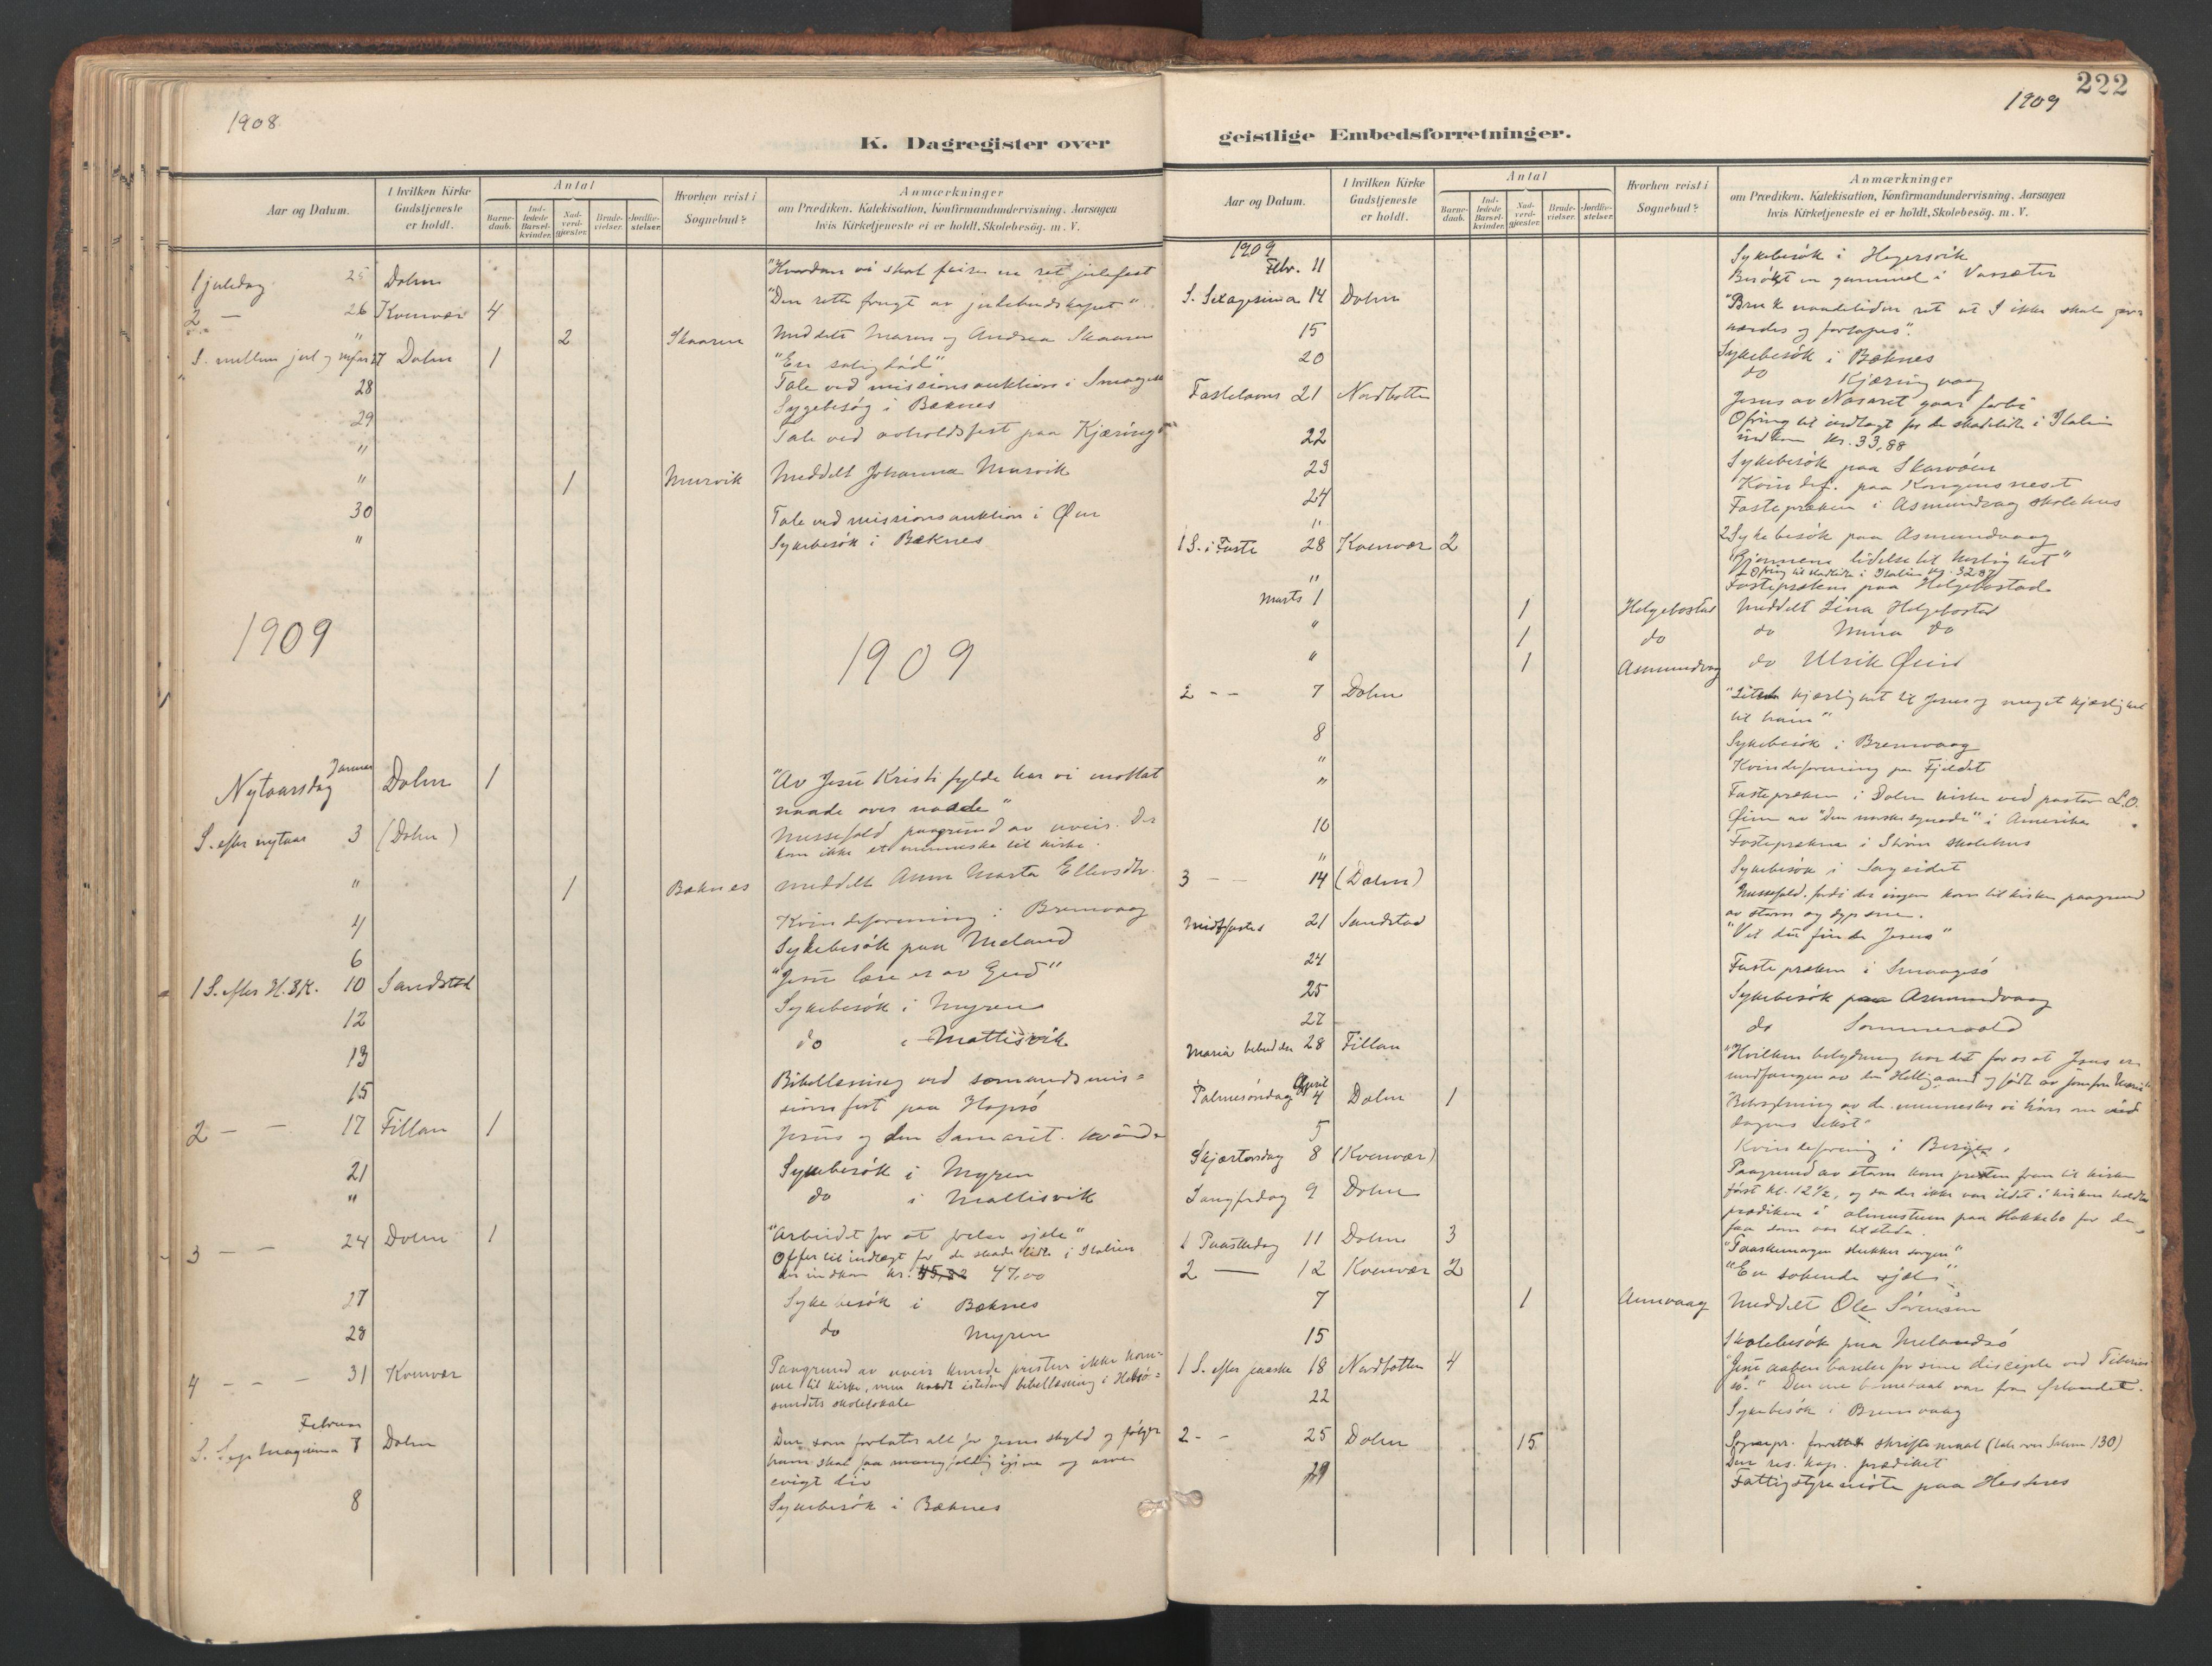 SAT, Ministerialprotokoller, klokkerbøker og fødselsregistre - Sør-Trøndelag, 634/L0537: Ministerialbok nr. 634A13, 1896-1922, s. 222